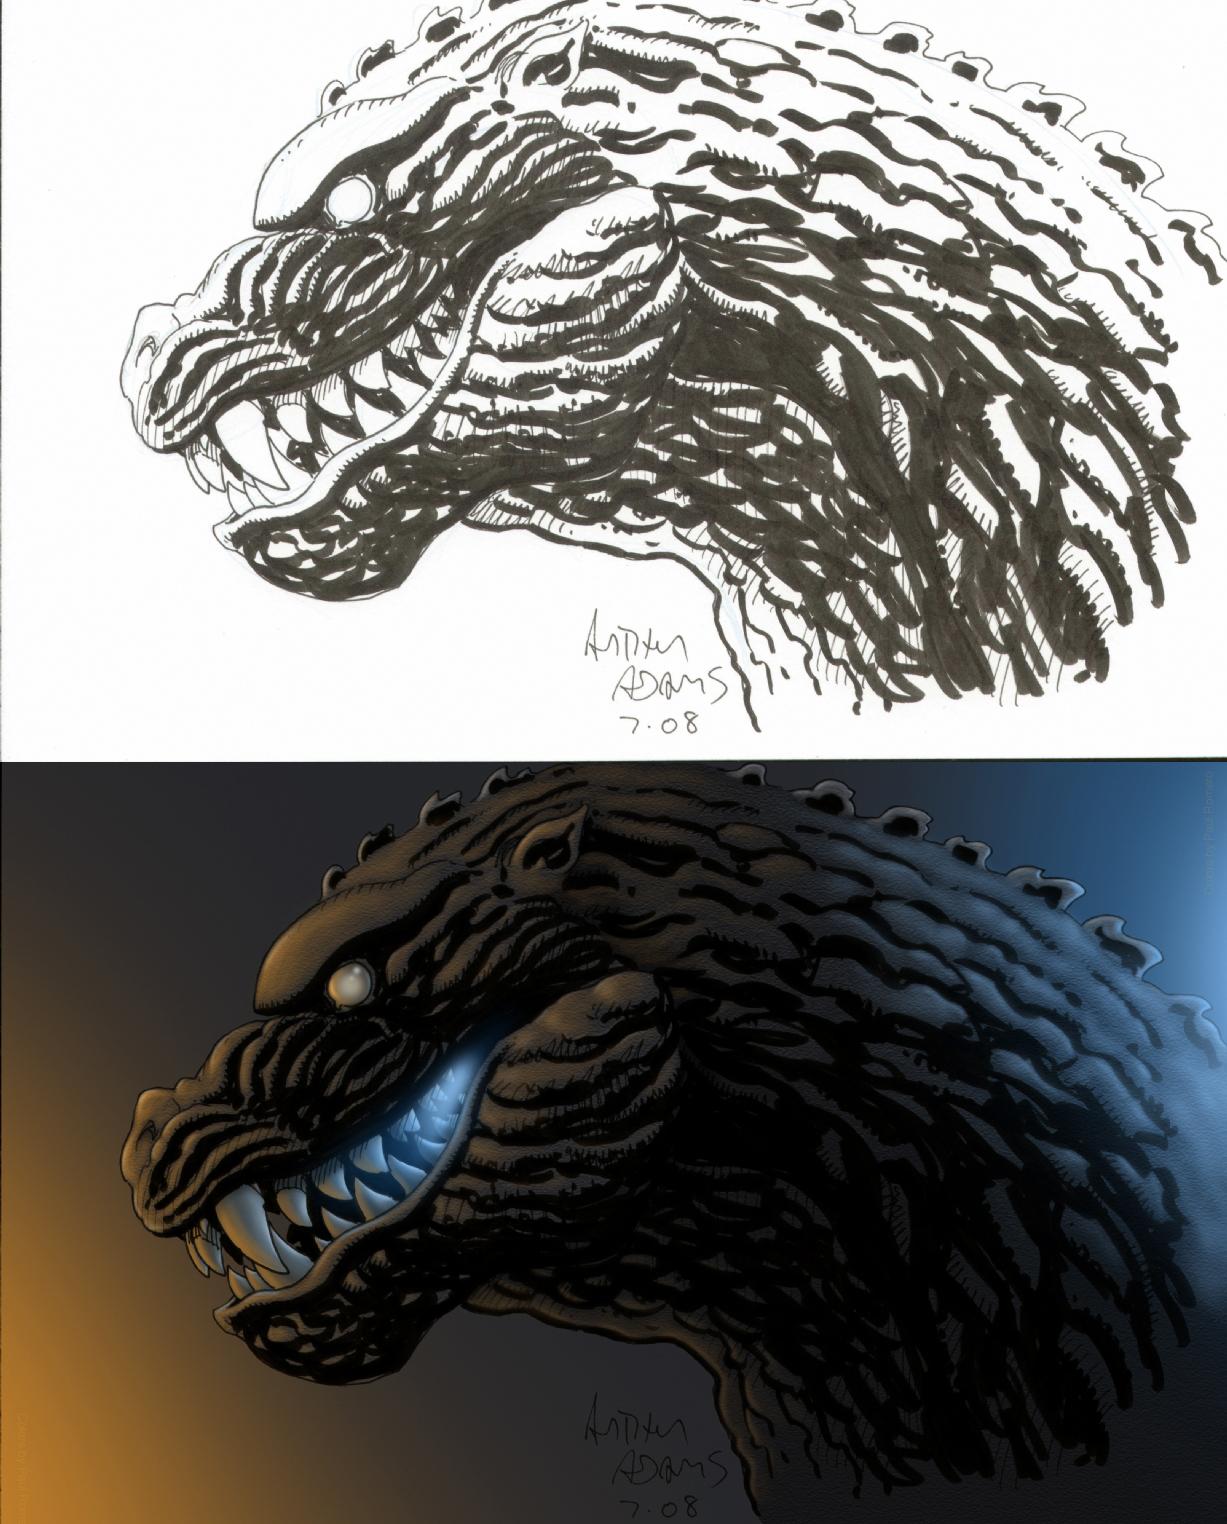 Godzilla Colored by Paul-Romero